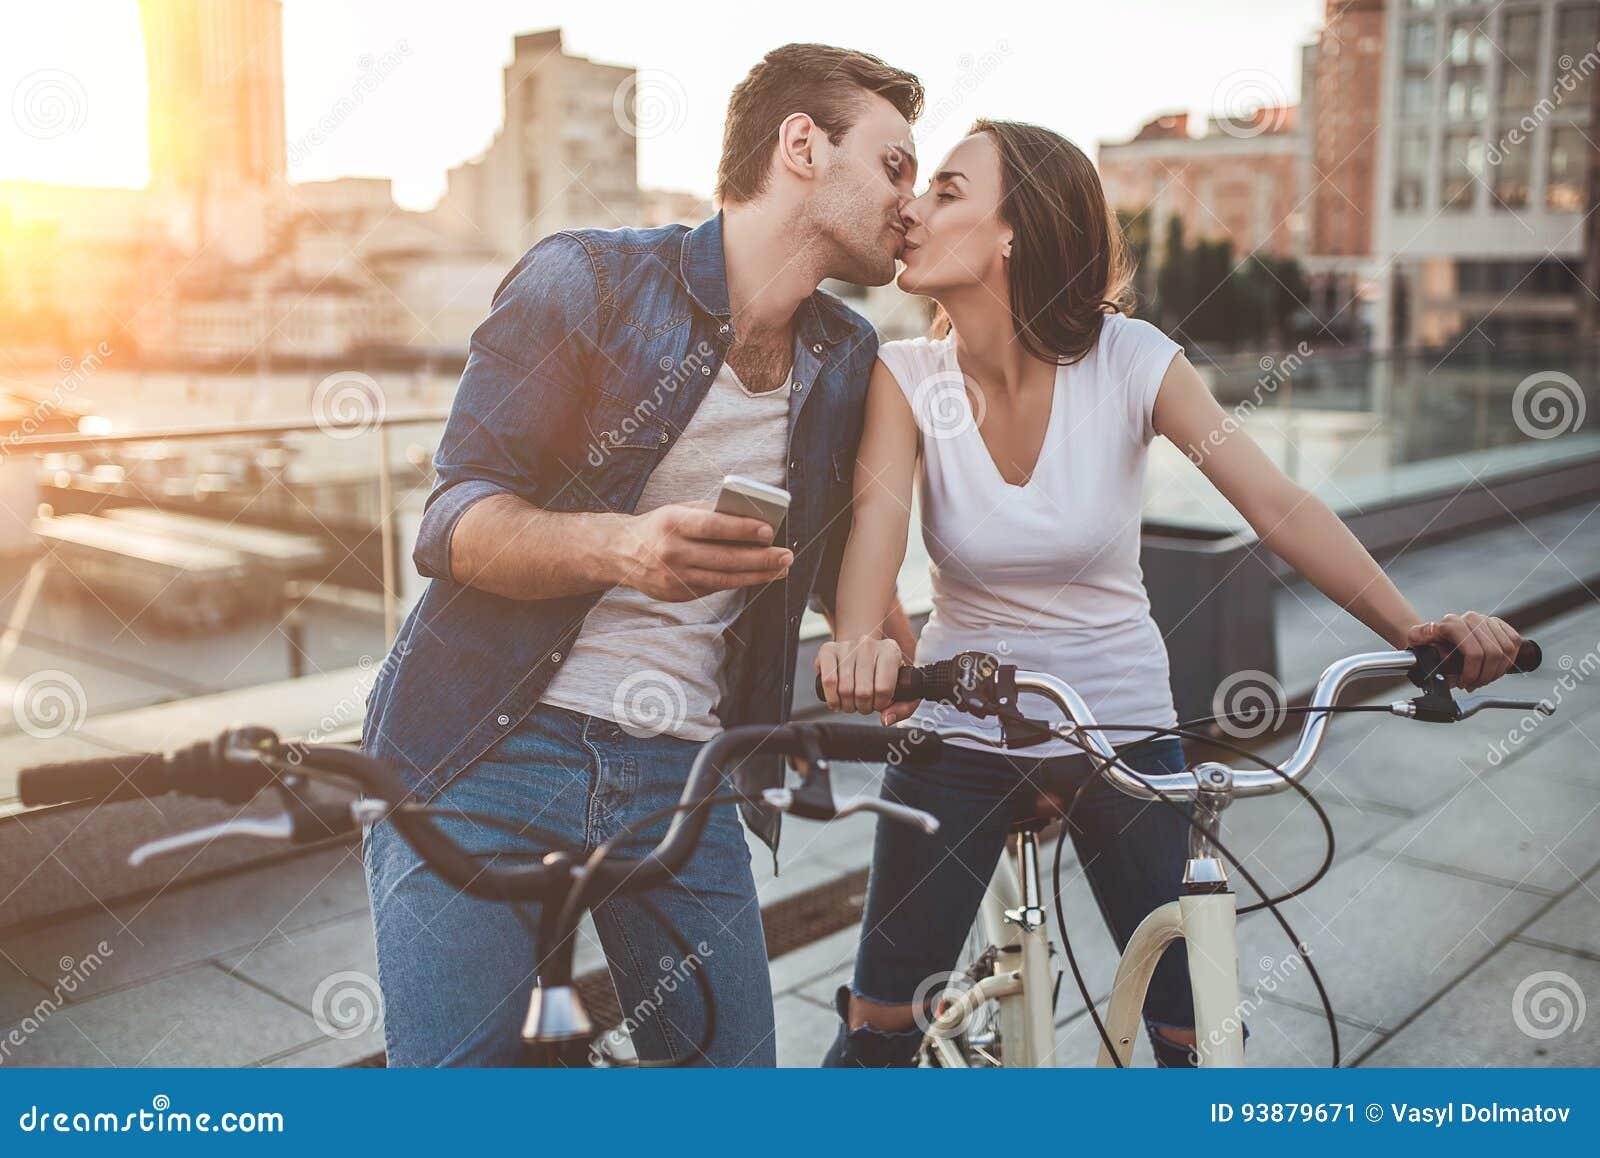 Romantisch paar met fietsen in de stad